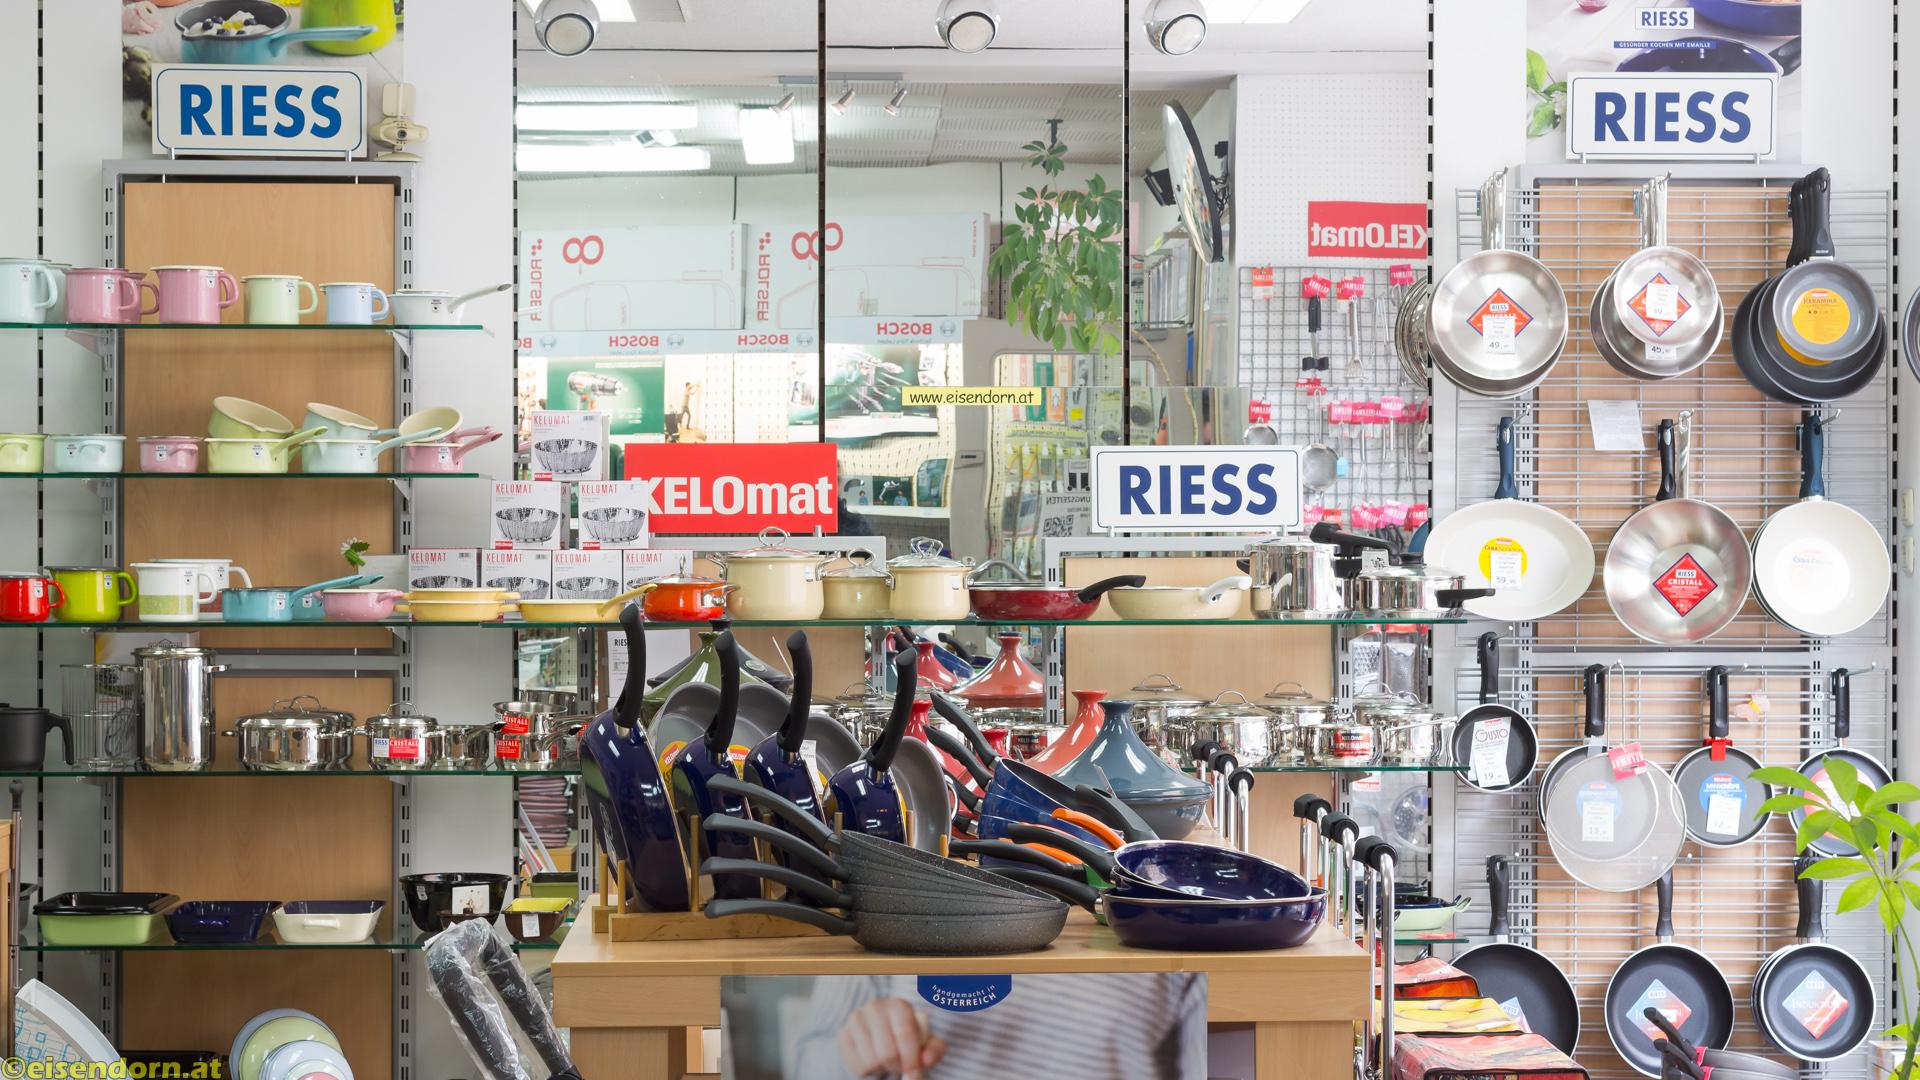 Riess Email Töpfe in Wien